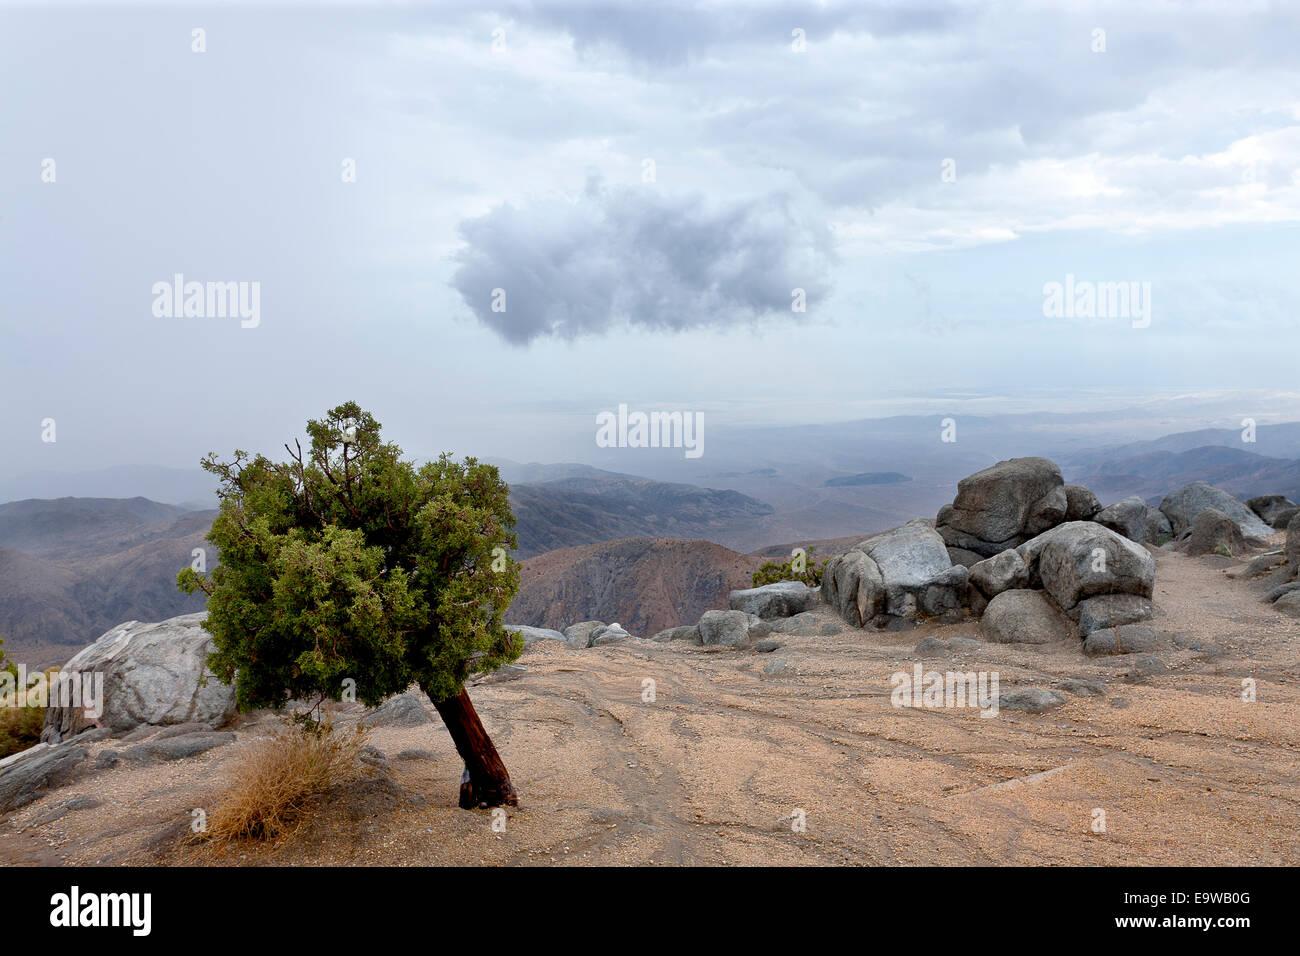 Dieser gebogene Kalifornien Wacholder ist ein Zeuge der starken Winde gefunden auf Keys View Point in San Bernardino Stockbild